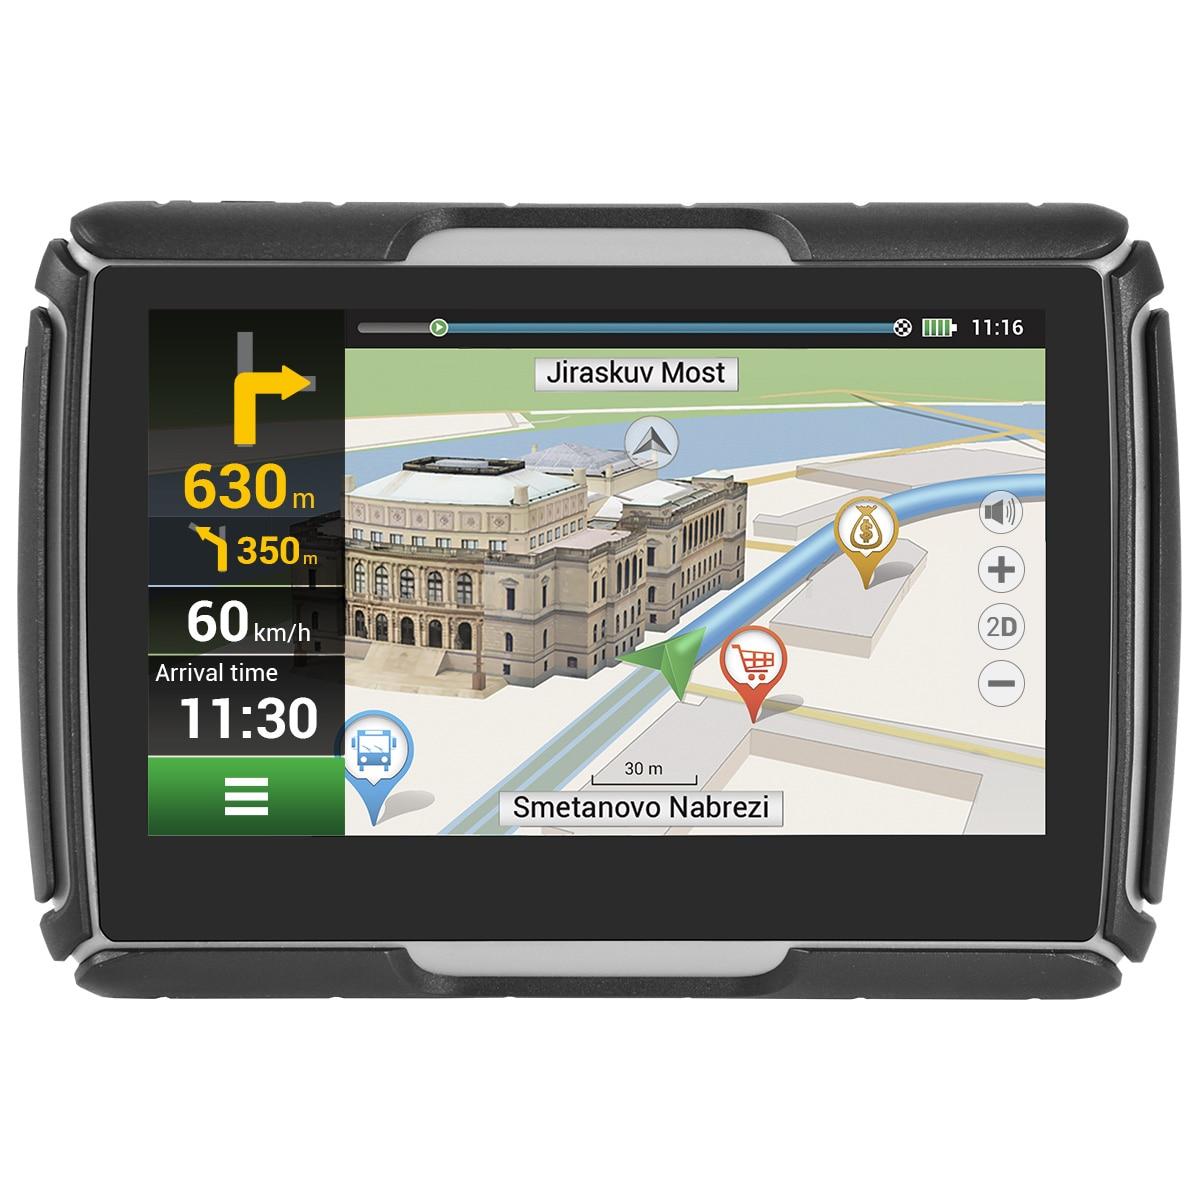 """Fotografie Sistem de navigatie GPS Navitel G550 Moto, ecran 4.3"""" cu GPS, IP-67 si supot pentru casti BT A2DP, actualizare lifetime pentru harti, suport de fixare pentru motociclete"""